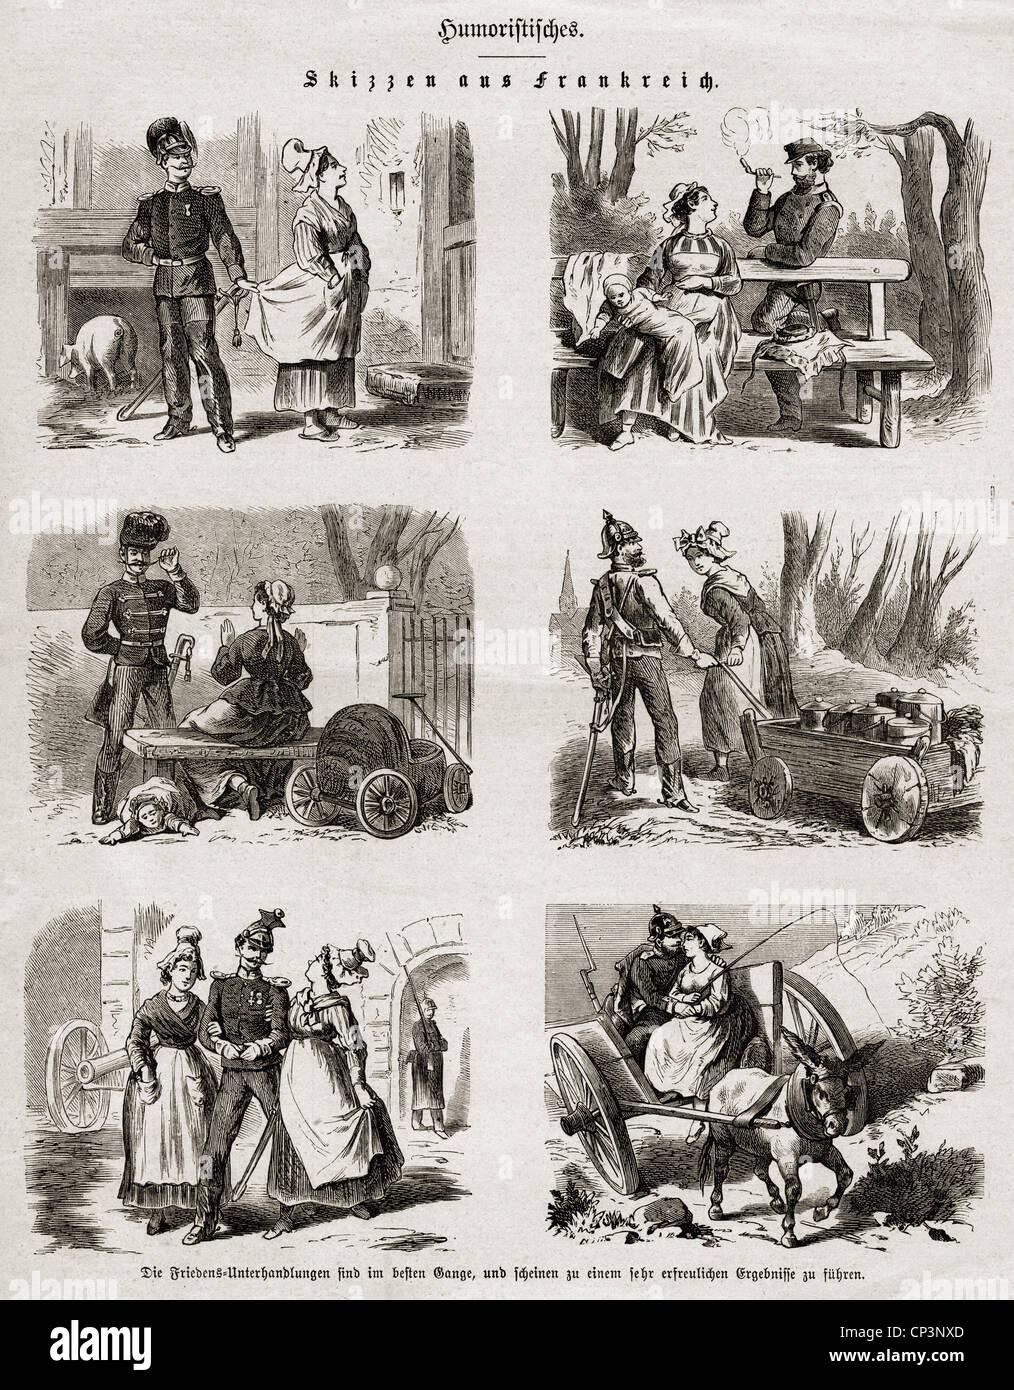 Eventi, guerra franco-prussiana 1870 - 1871, stampa, 'cetches from France', incisione in legno, 1871, diritti-aggiuntivi Foto Stock